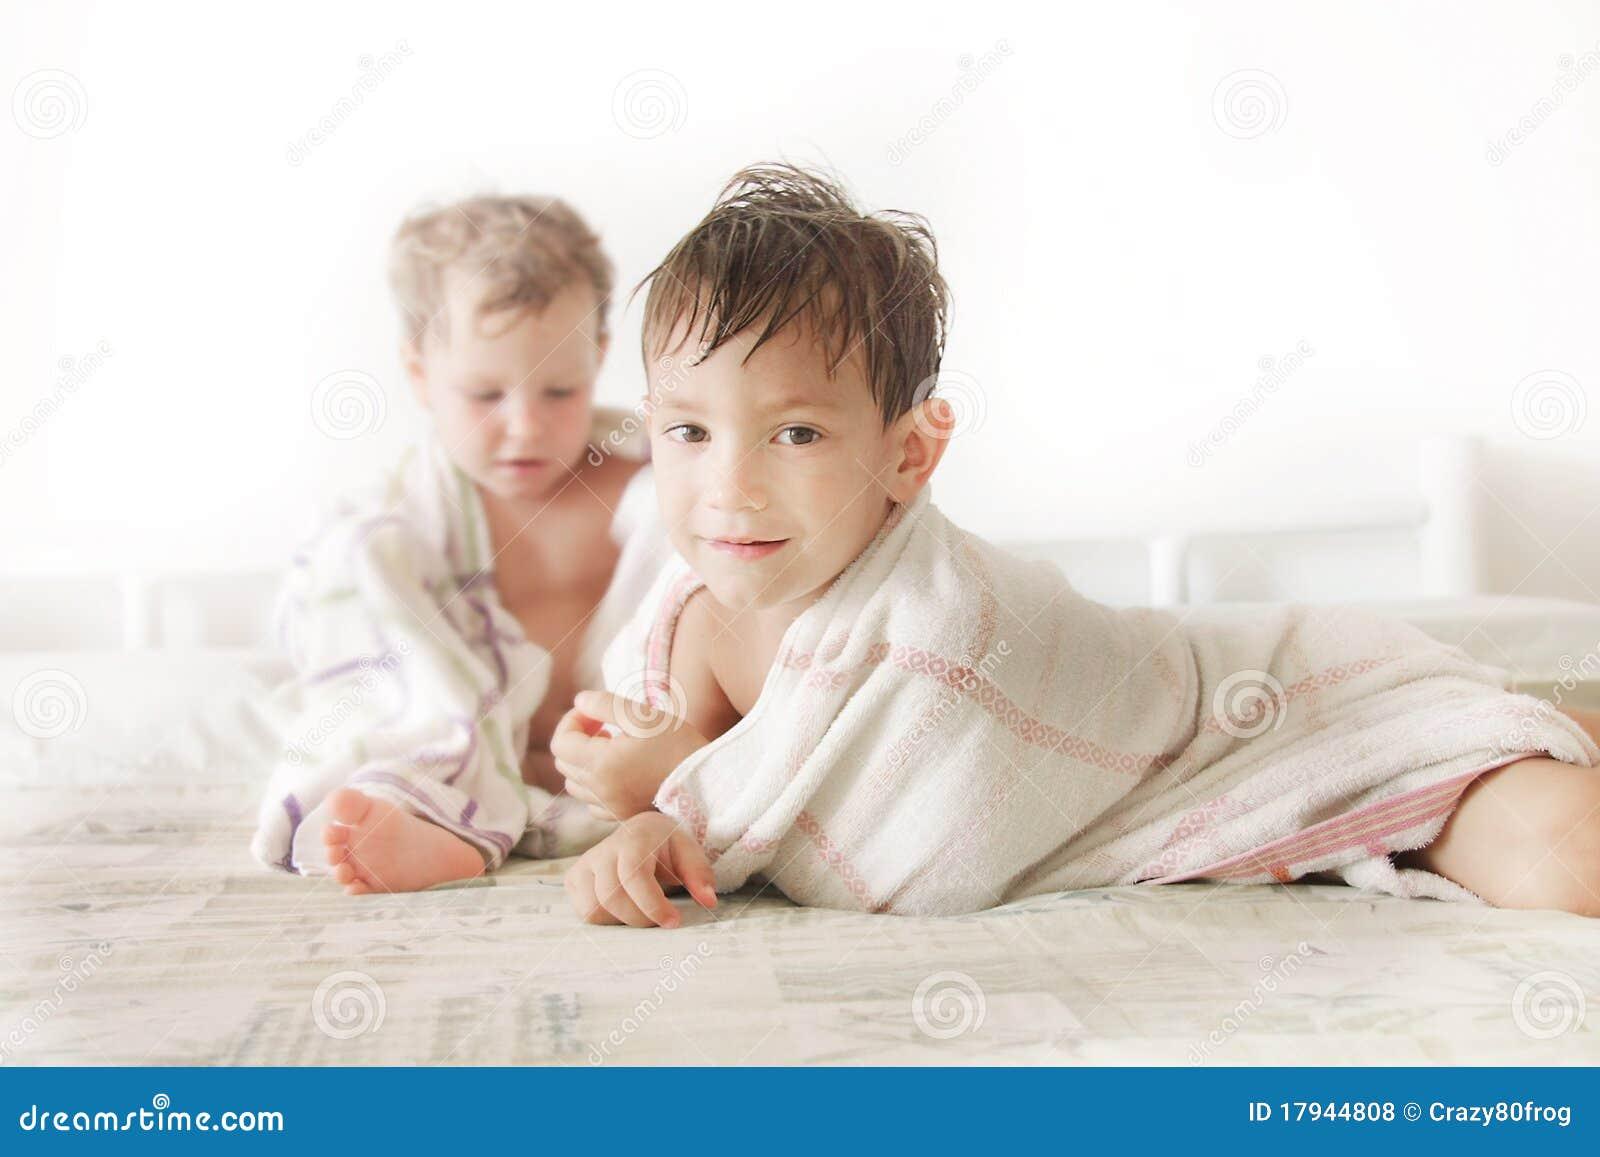 Kinder Im Bett Nach Dusche Lizenzfreie Stockfotos - Bild